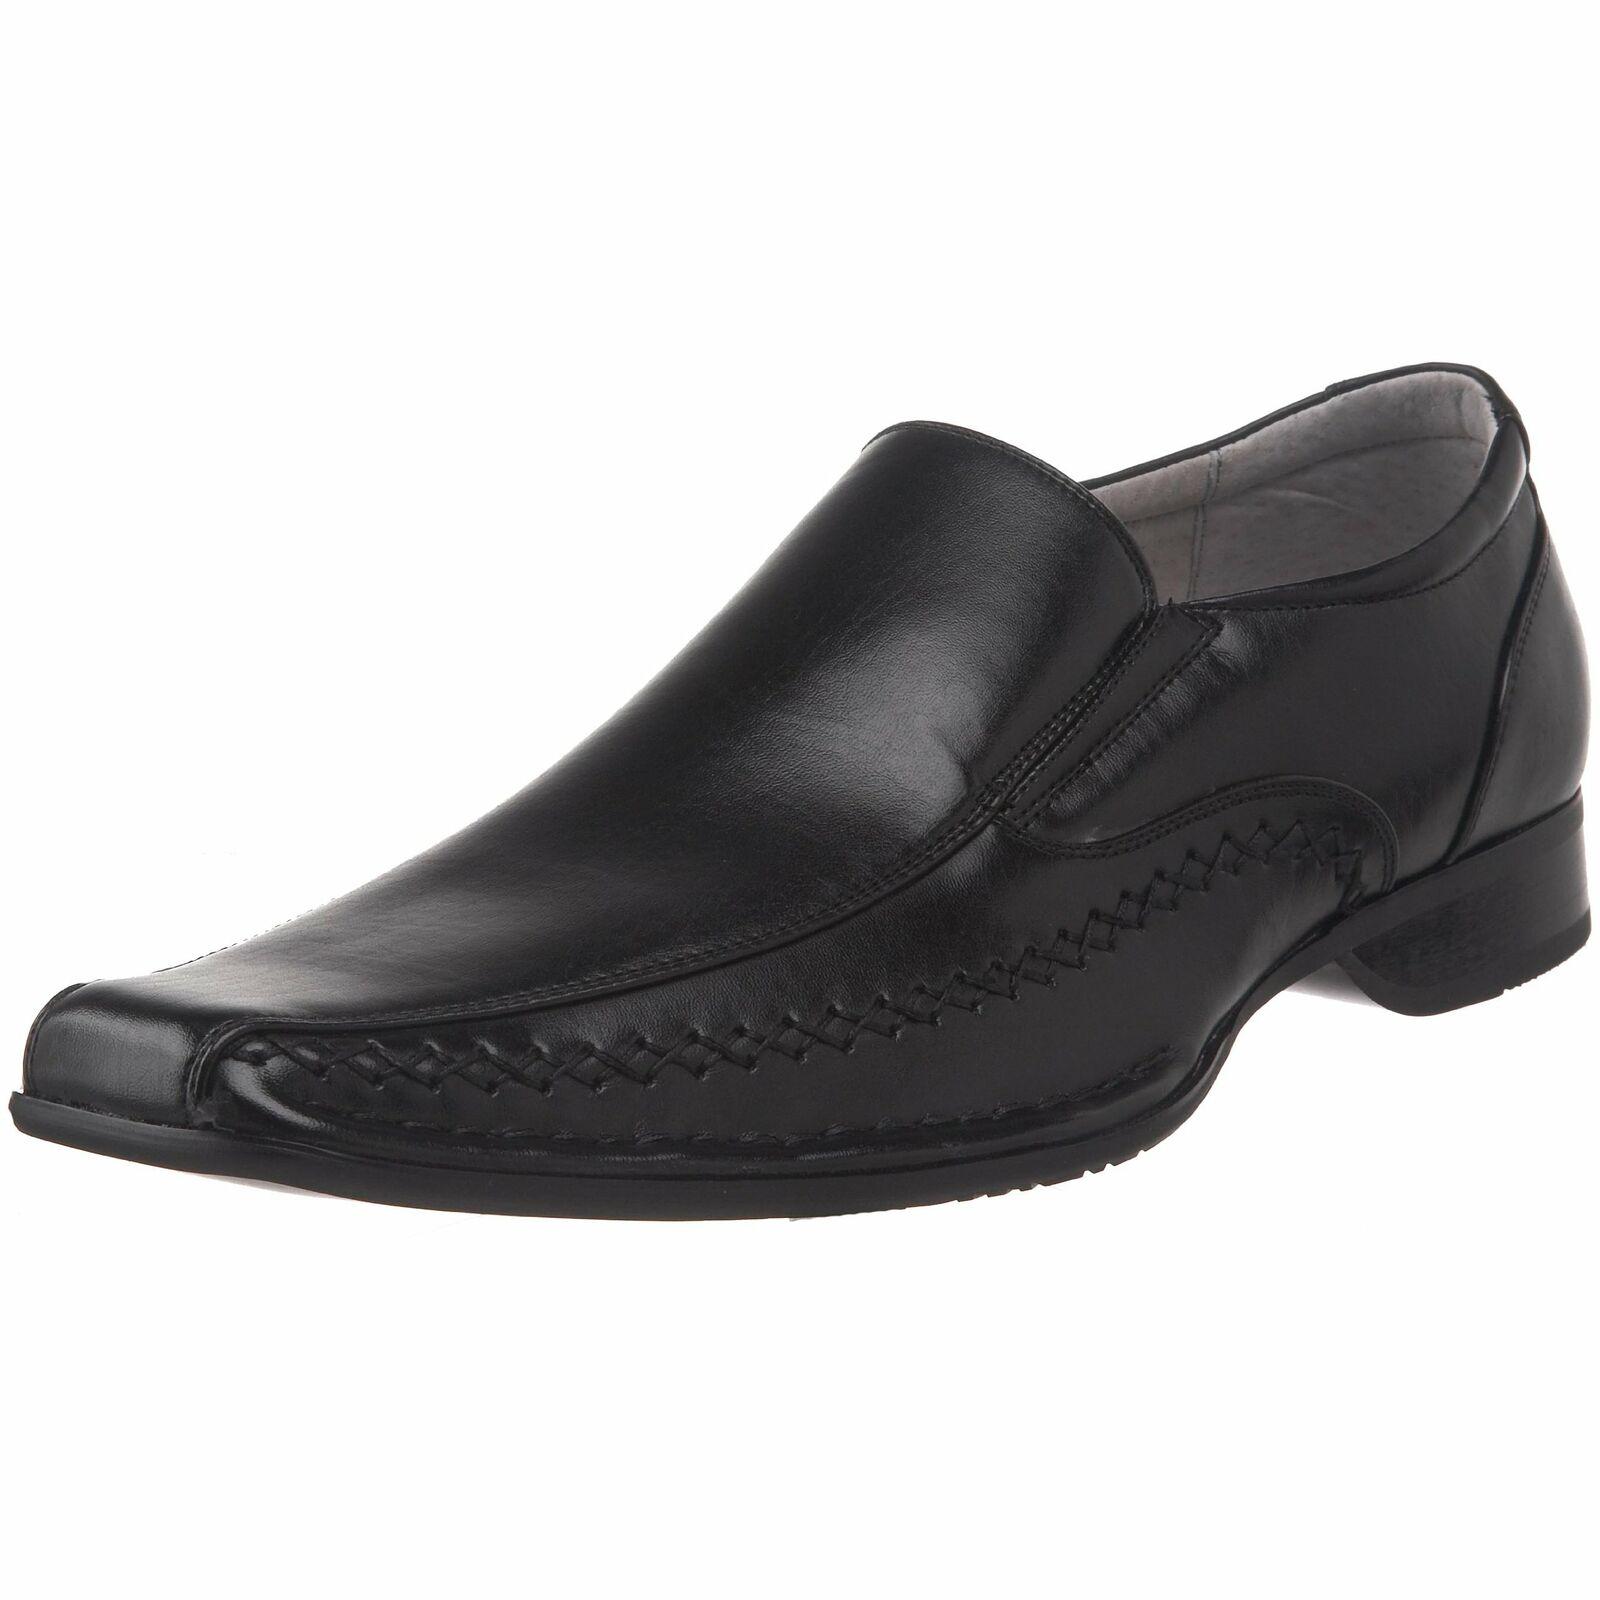 steve madden white mens dress shoes